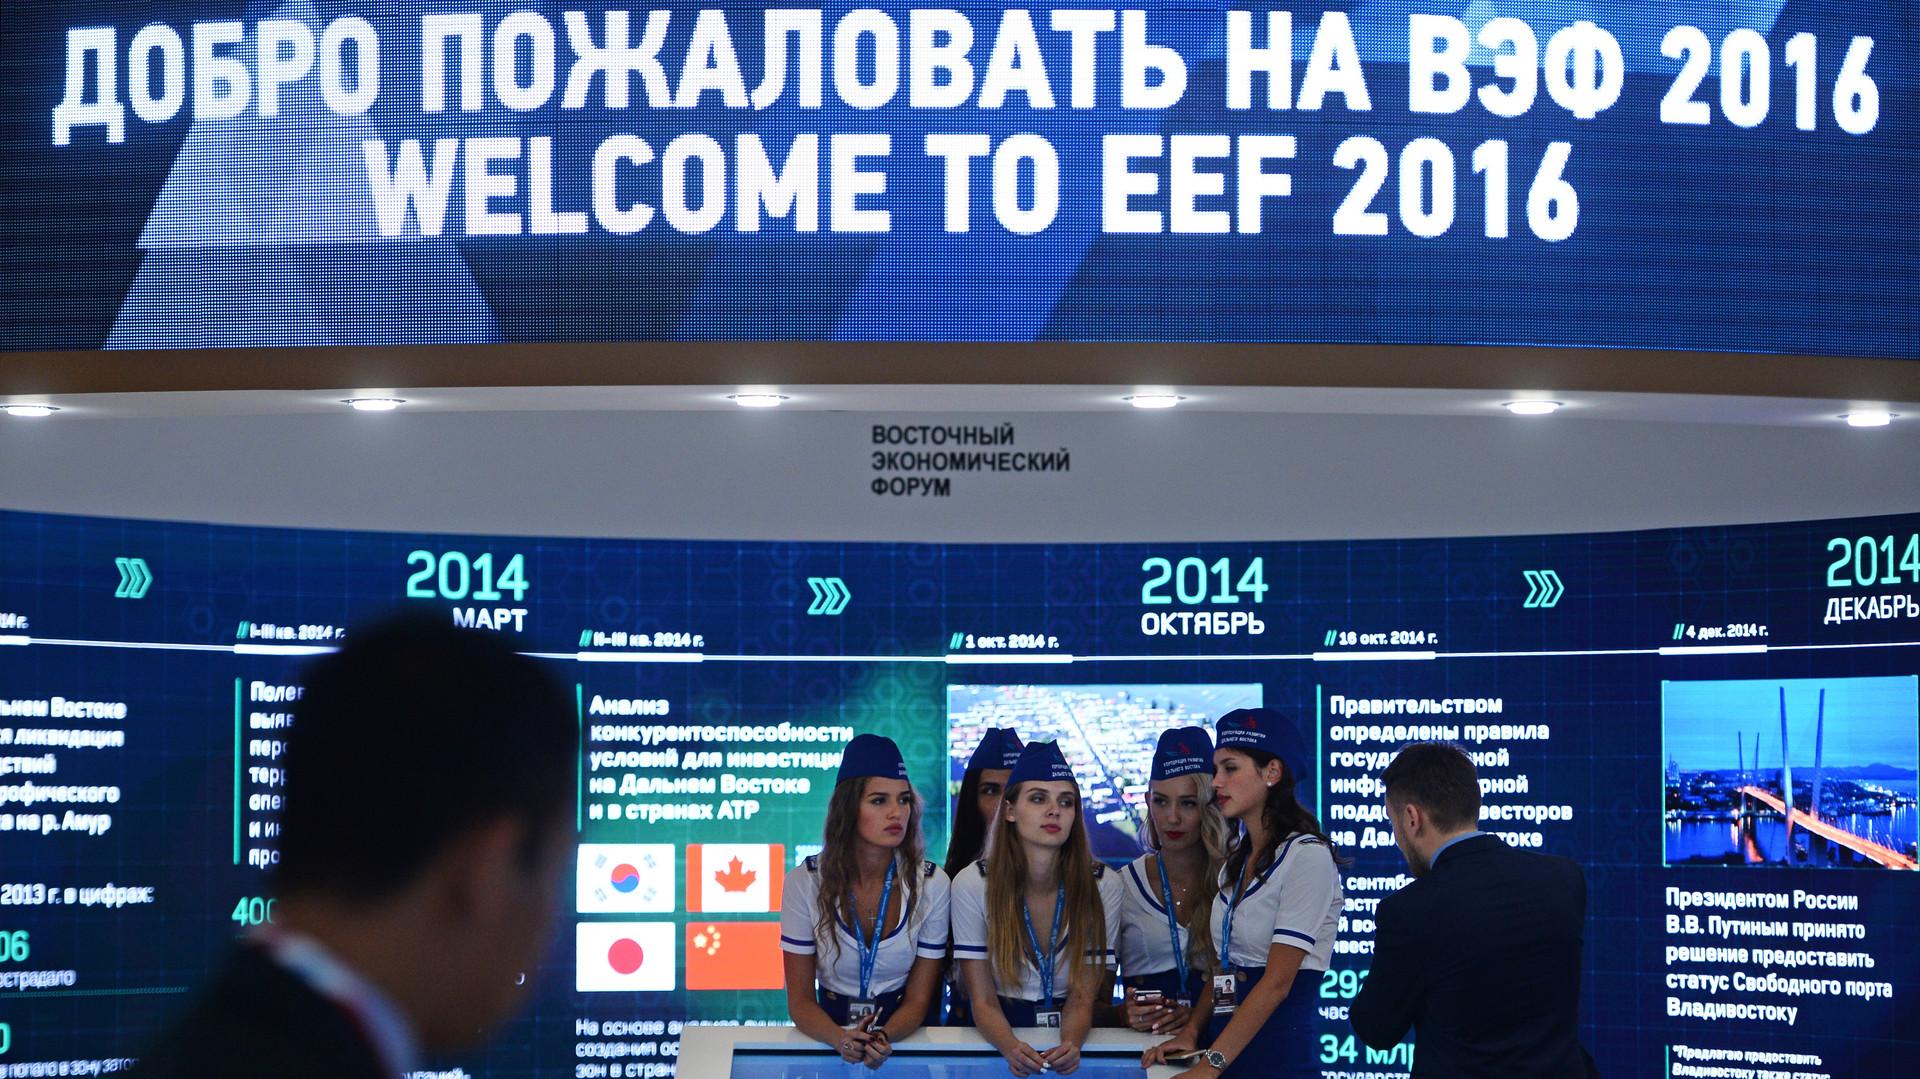 Павильон с презентацией инвестиционных проектов на Восточном экономическом форуме во Владивостоке.